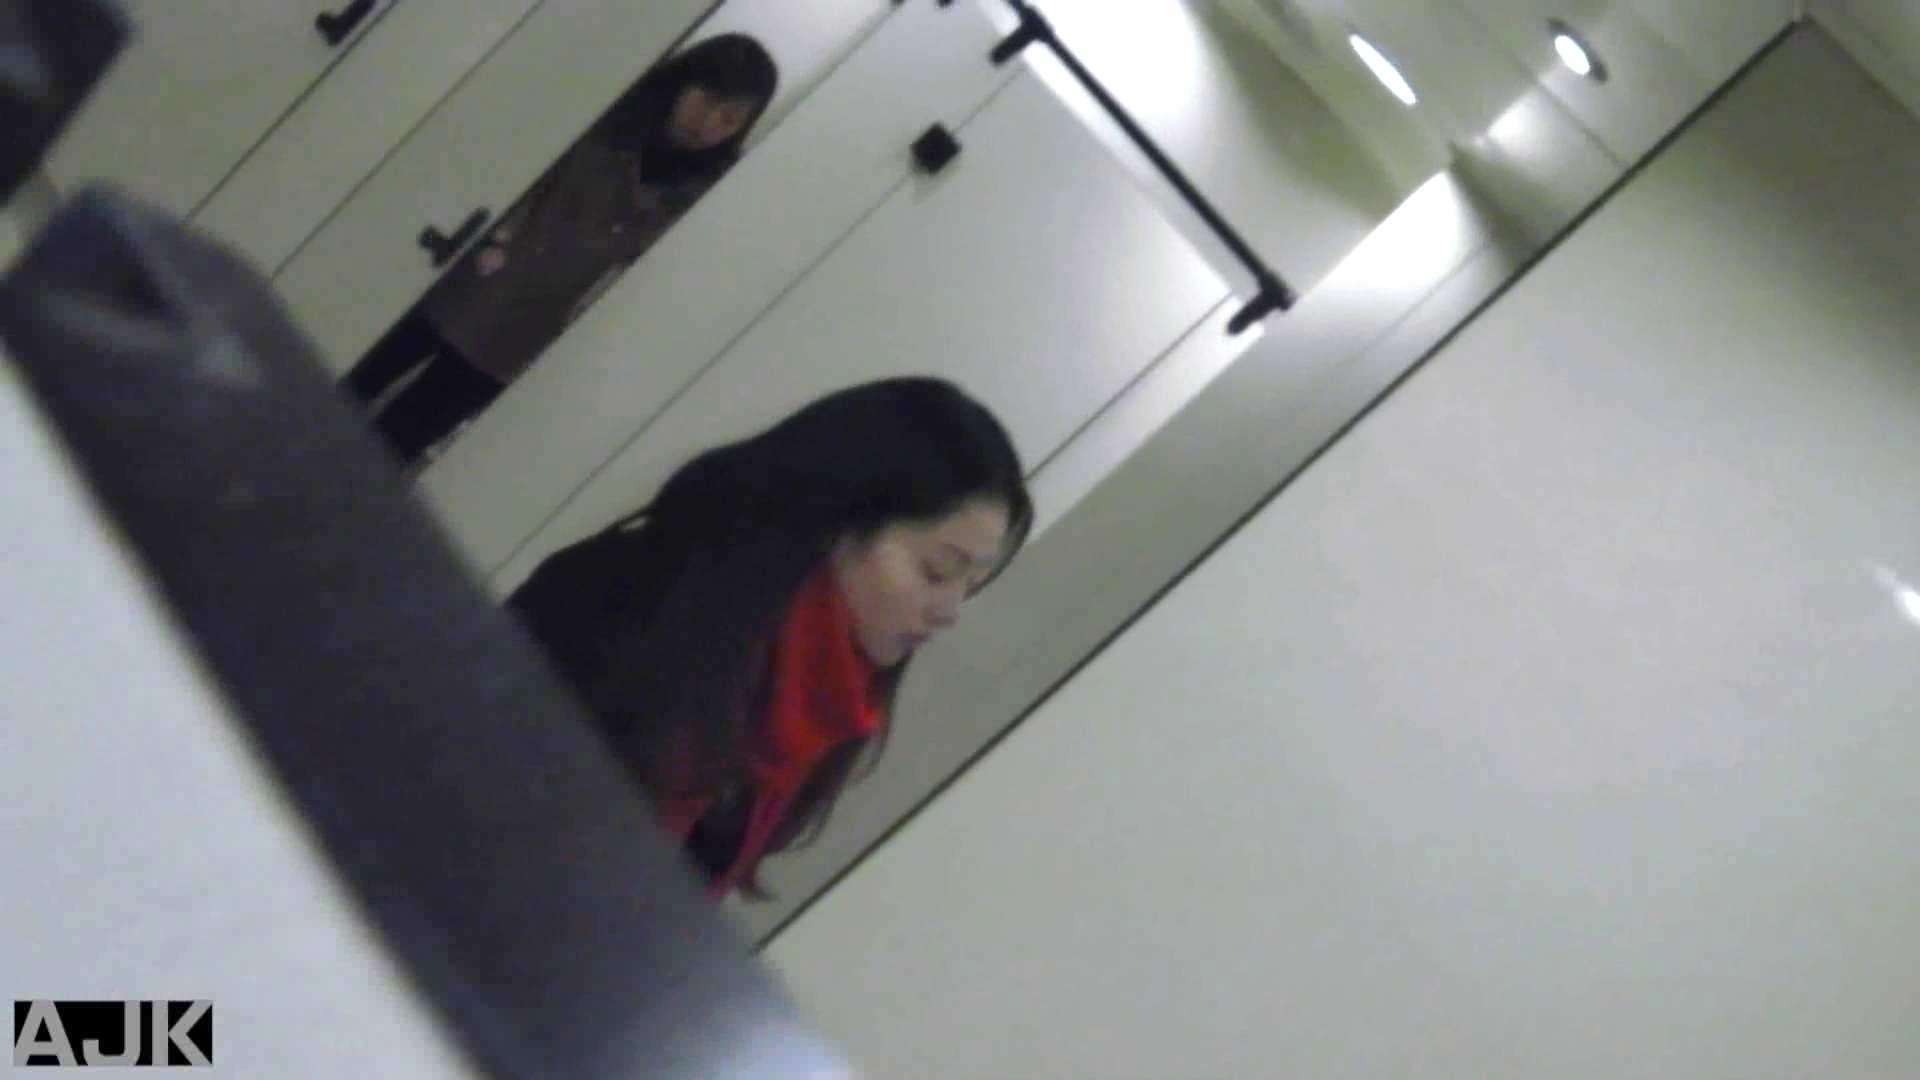 隣国上階級エリアの令嬢たちが集うデパートお手洗い Vol.06 おまんこ おまんこ動画流出 78画像 76